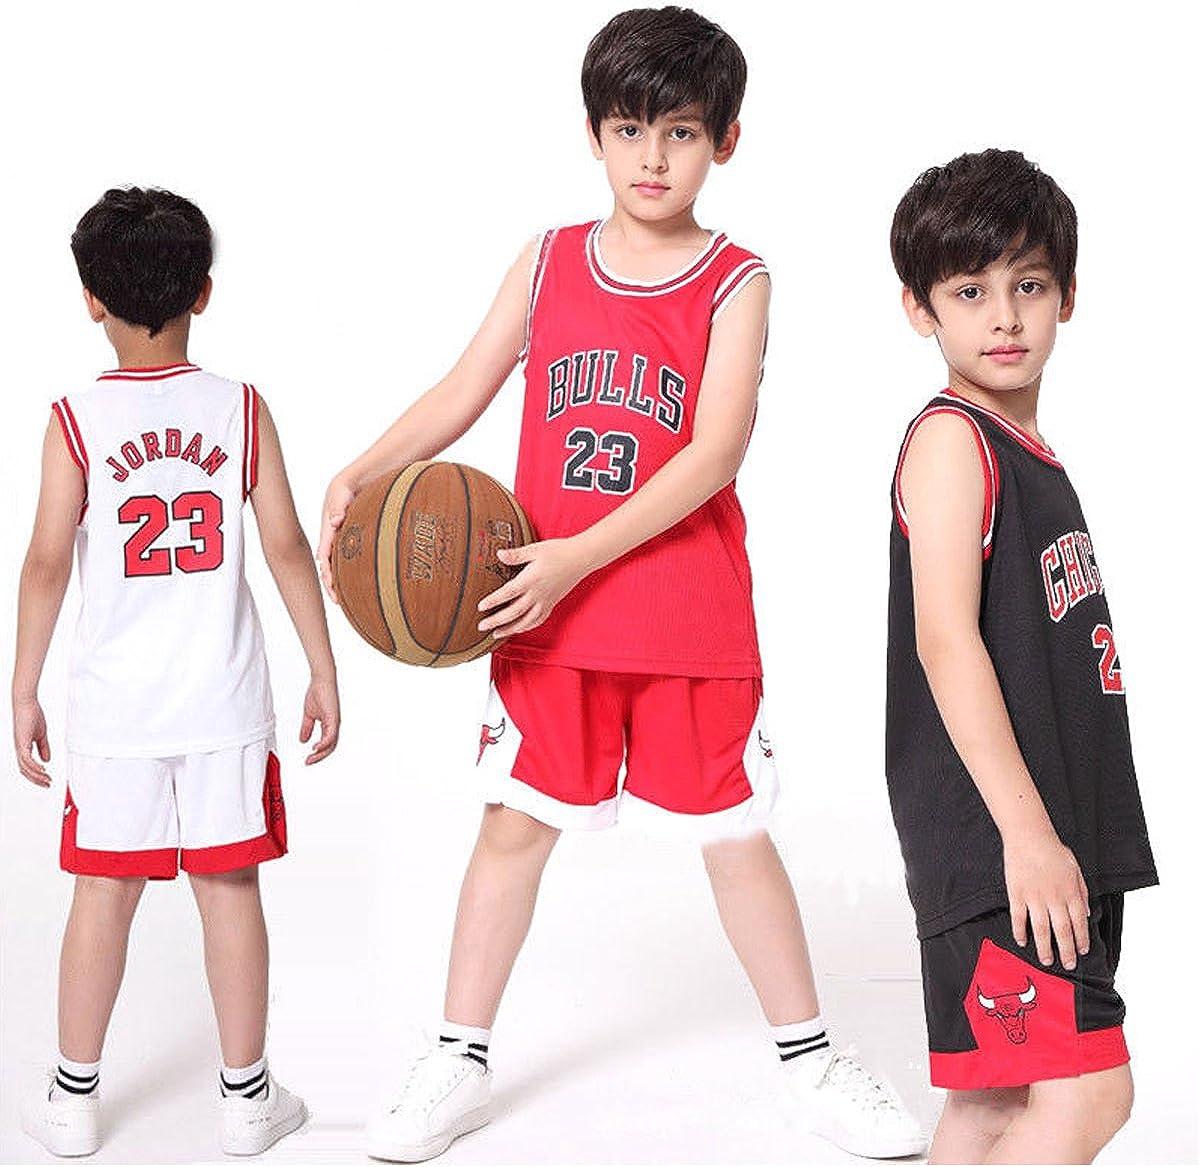 Chico Hombre NBA Michael Jordan # 23 Chicago Bulls Retro Pantalones Cortos de Baloncesto Camisetas de Verano Uniformes y Tops de Baloncesto Uniformes: Amazon.es: Ropa y accesorios